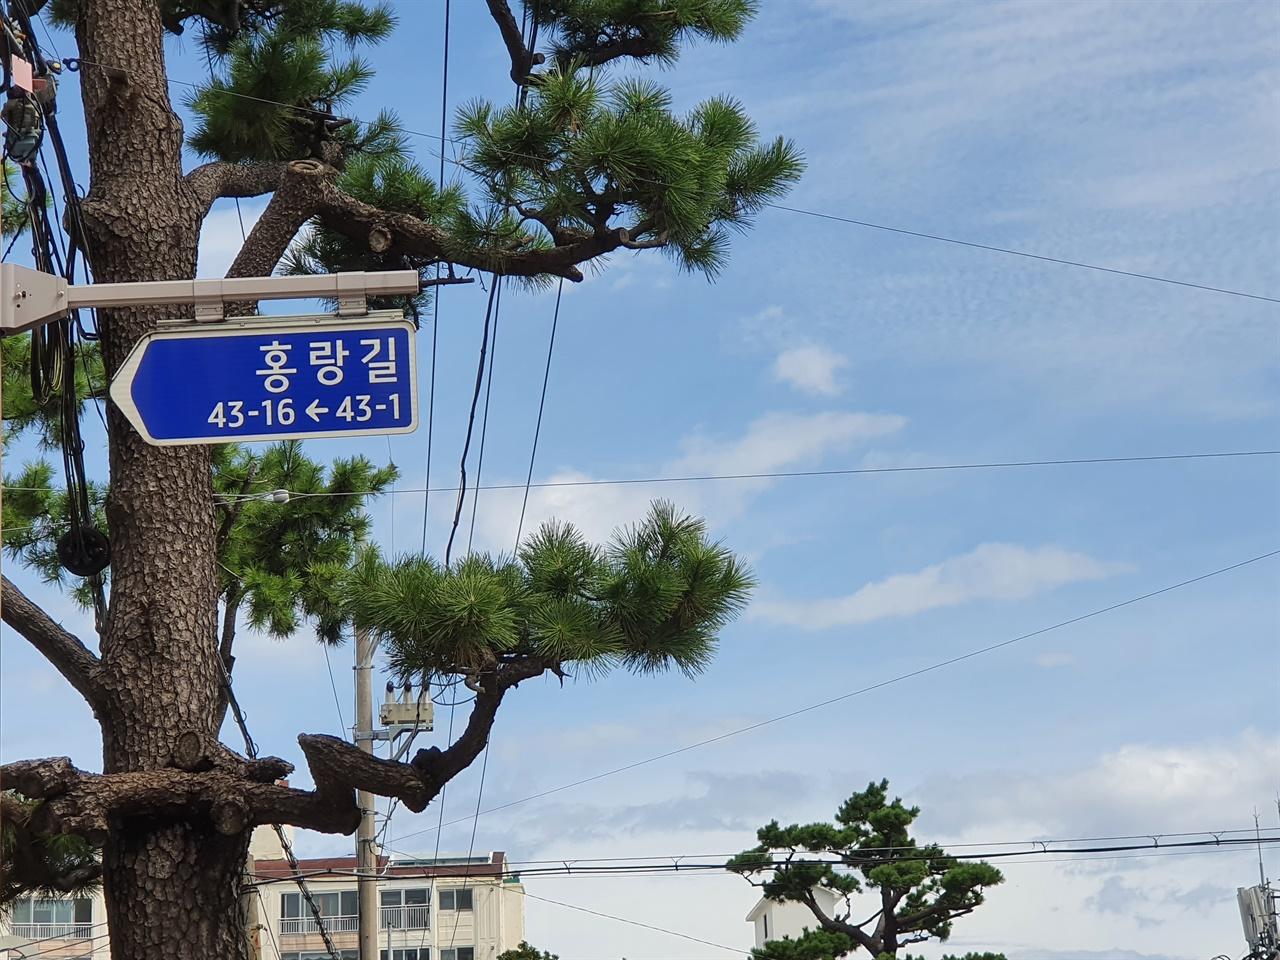 홍랑길  홍윤애가 묻혔던 지금의 제주시 전농로 주변 마을길이 홍랑길로 불린다.